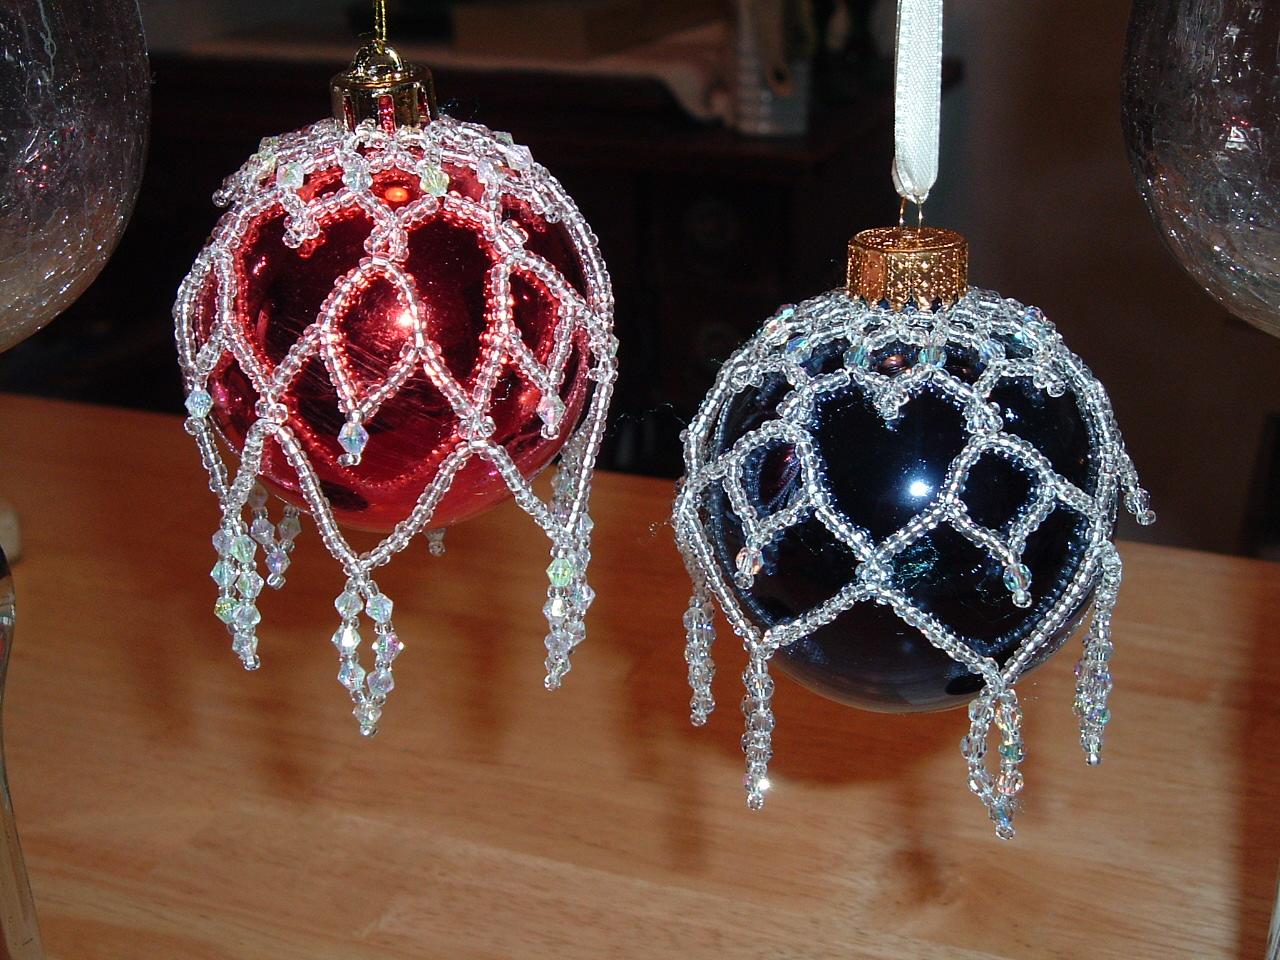 Обвязывайте елочные шары бисером и малыми бусинами на тонкой проволоке